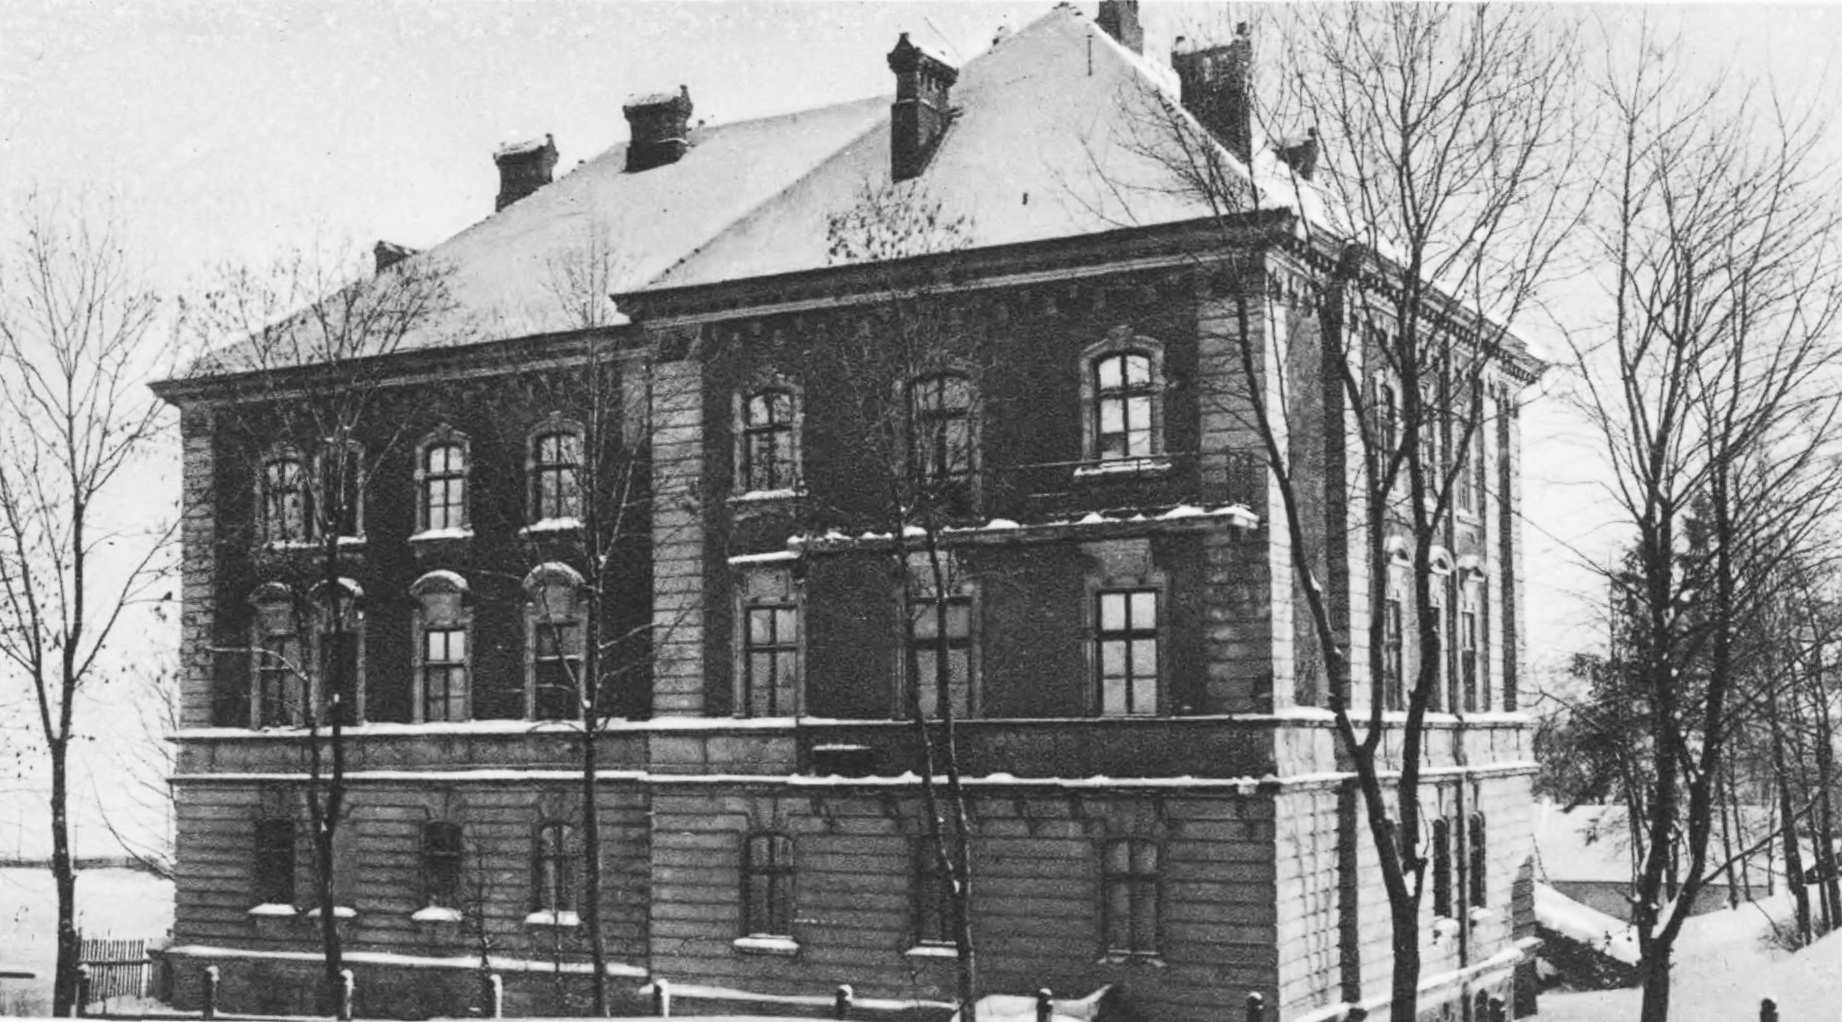 """""""Dom techników"""" (Technician's House). Source: Semper Fidelis, 1930"""